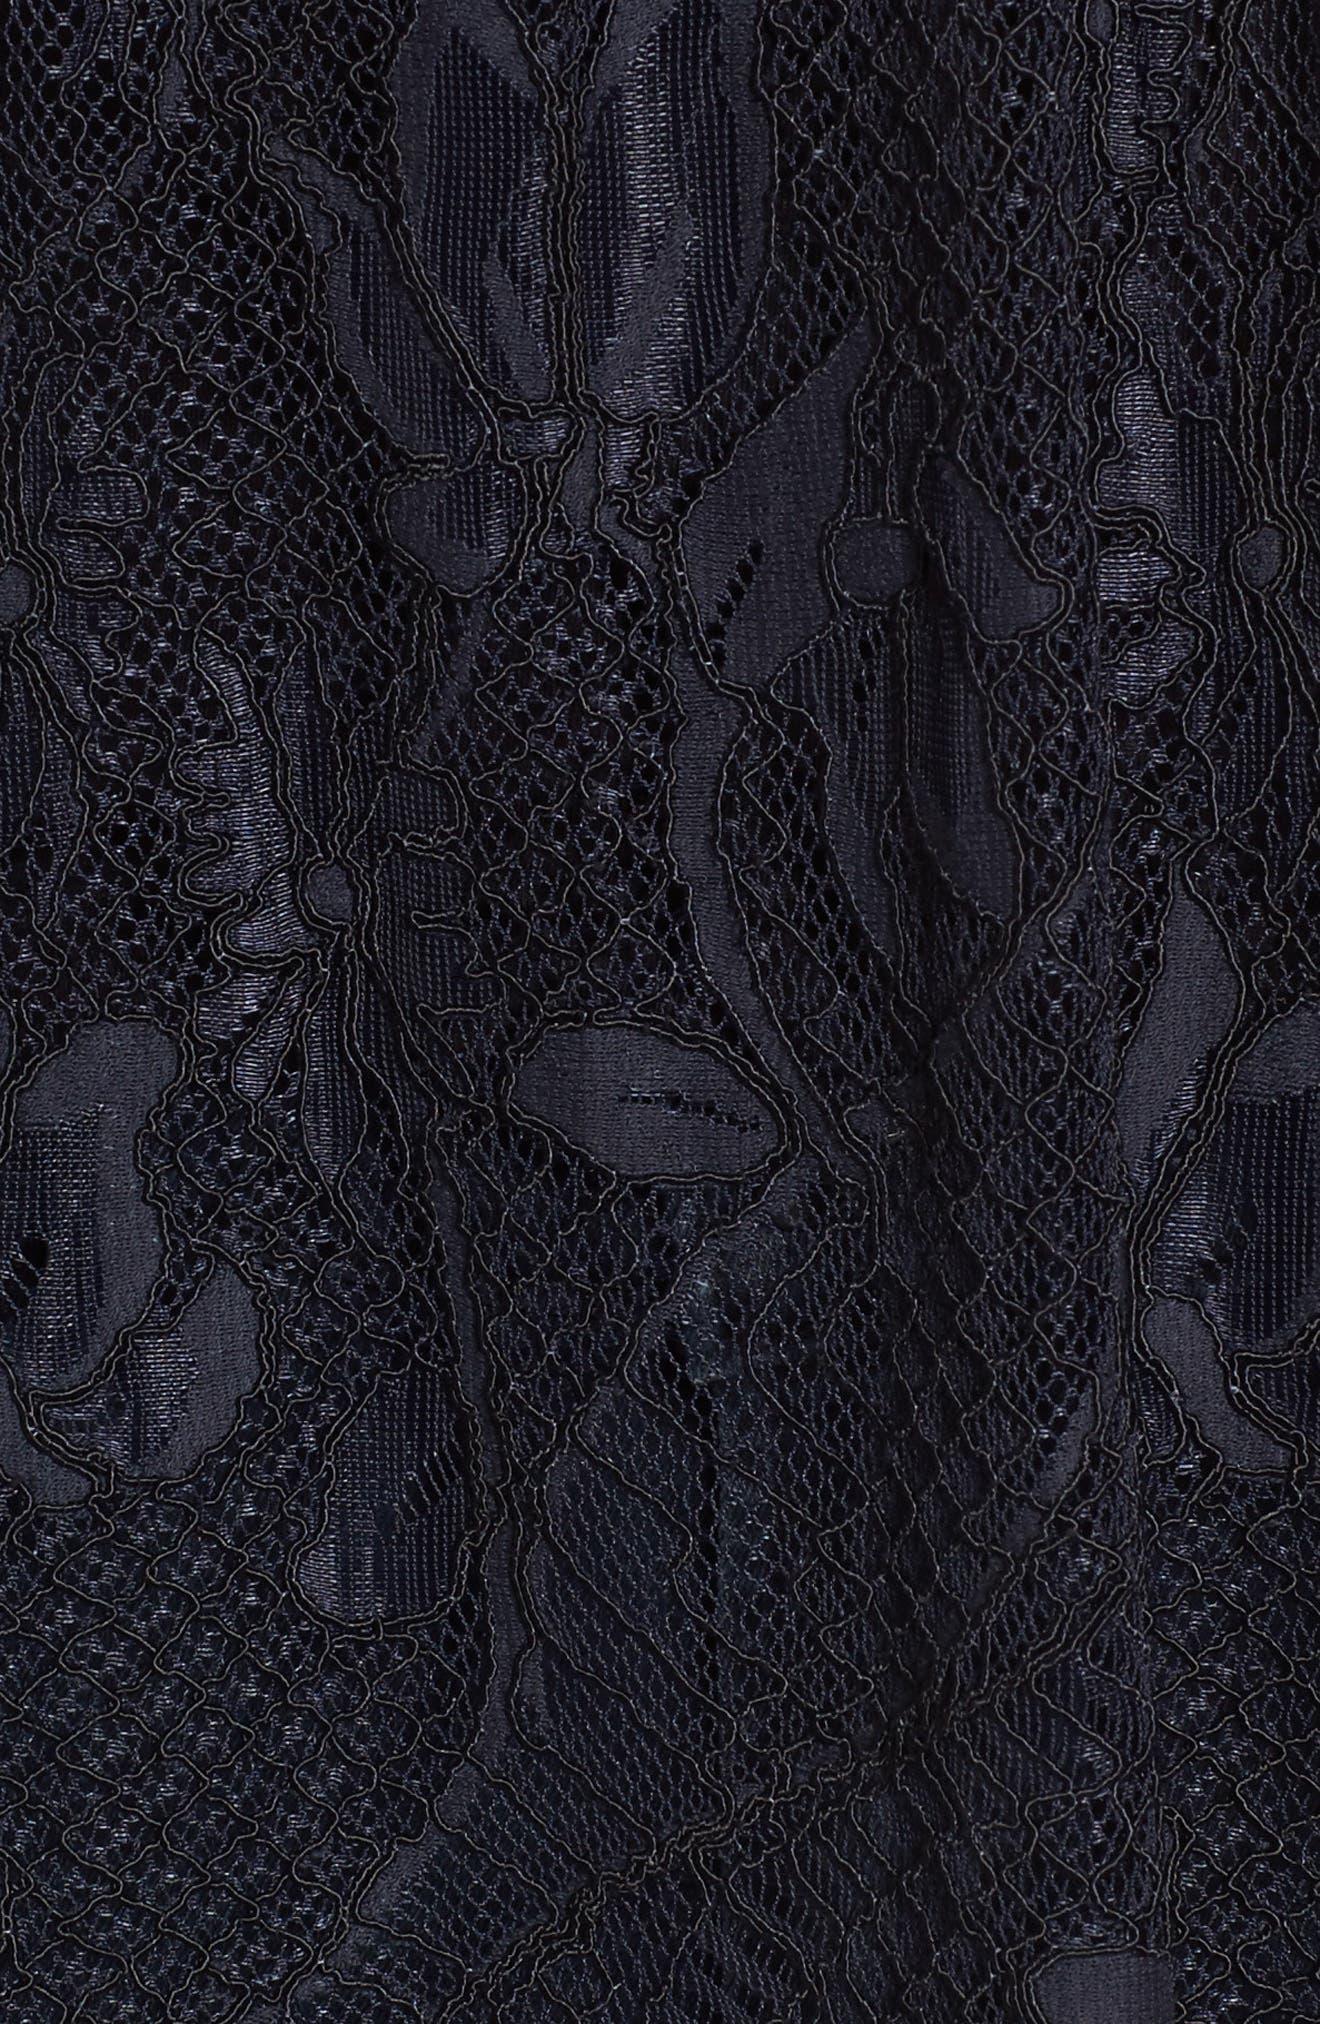 Lace Top,                             Alternate thumbnail 5, color,                             410